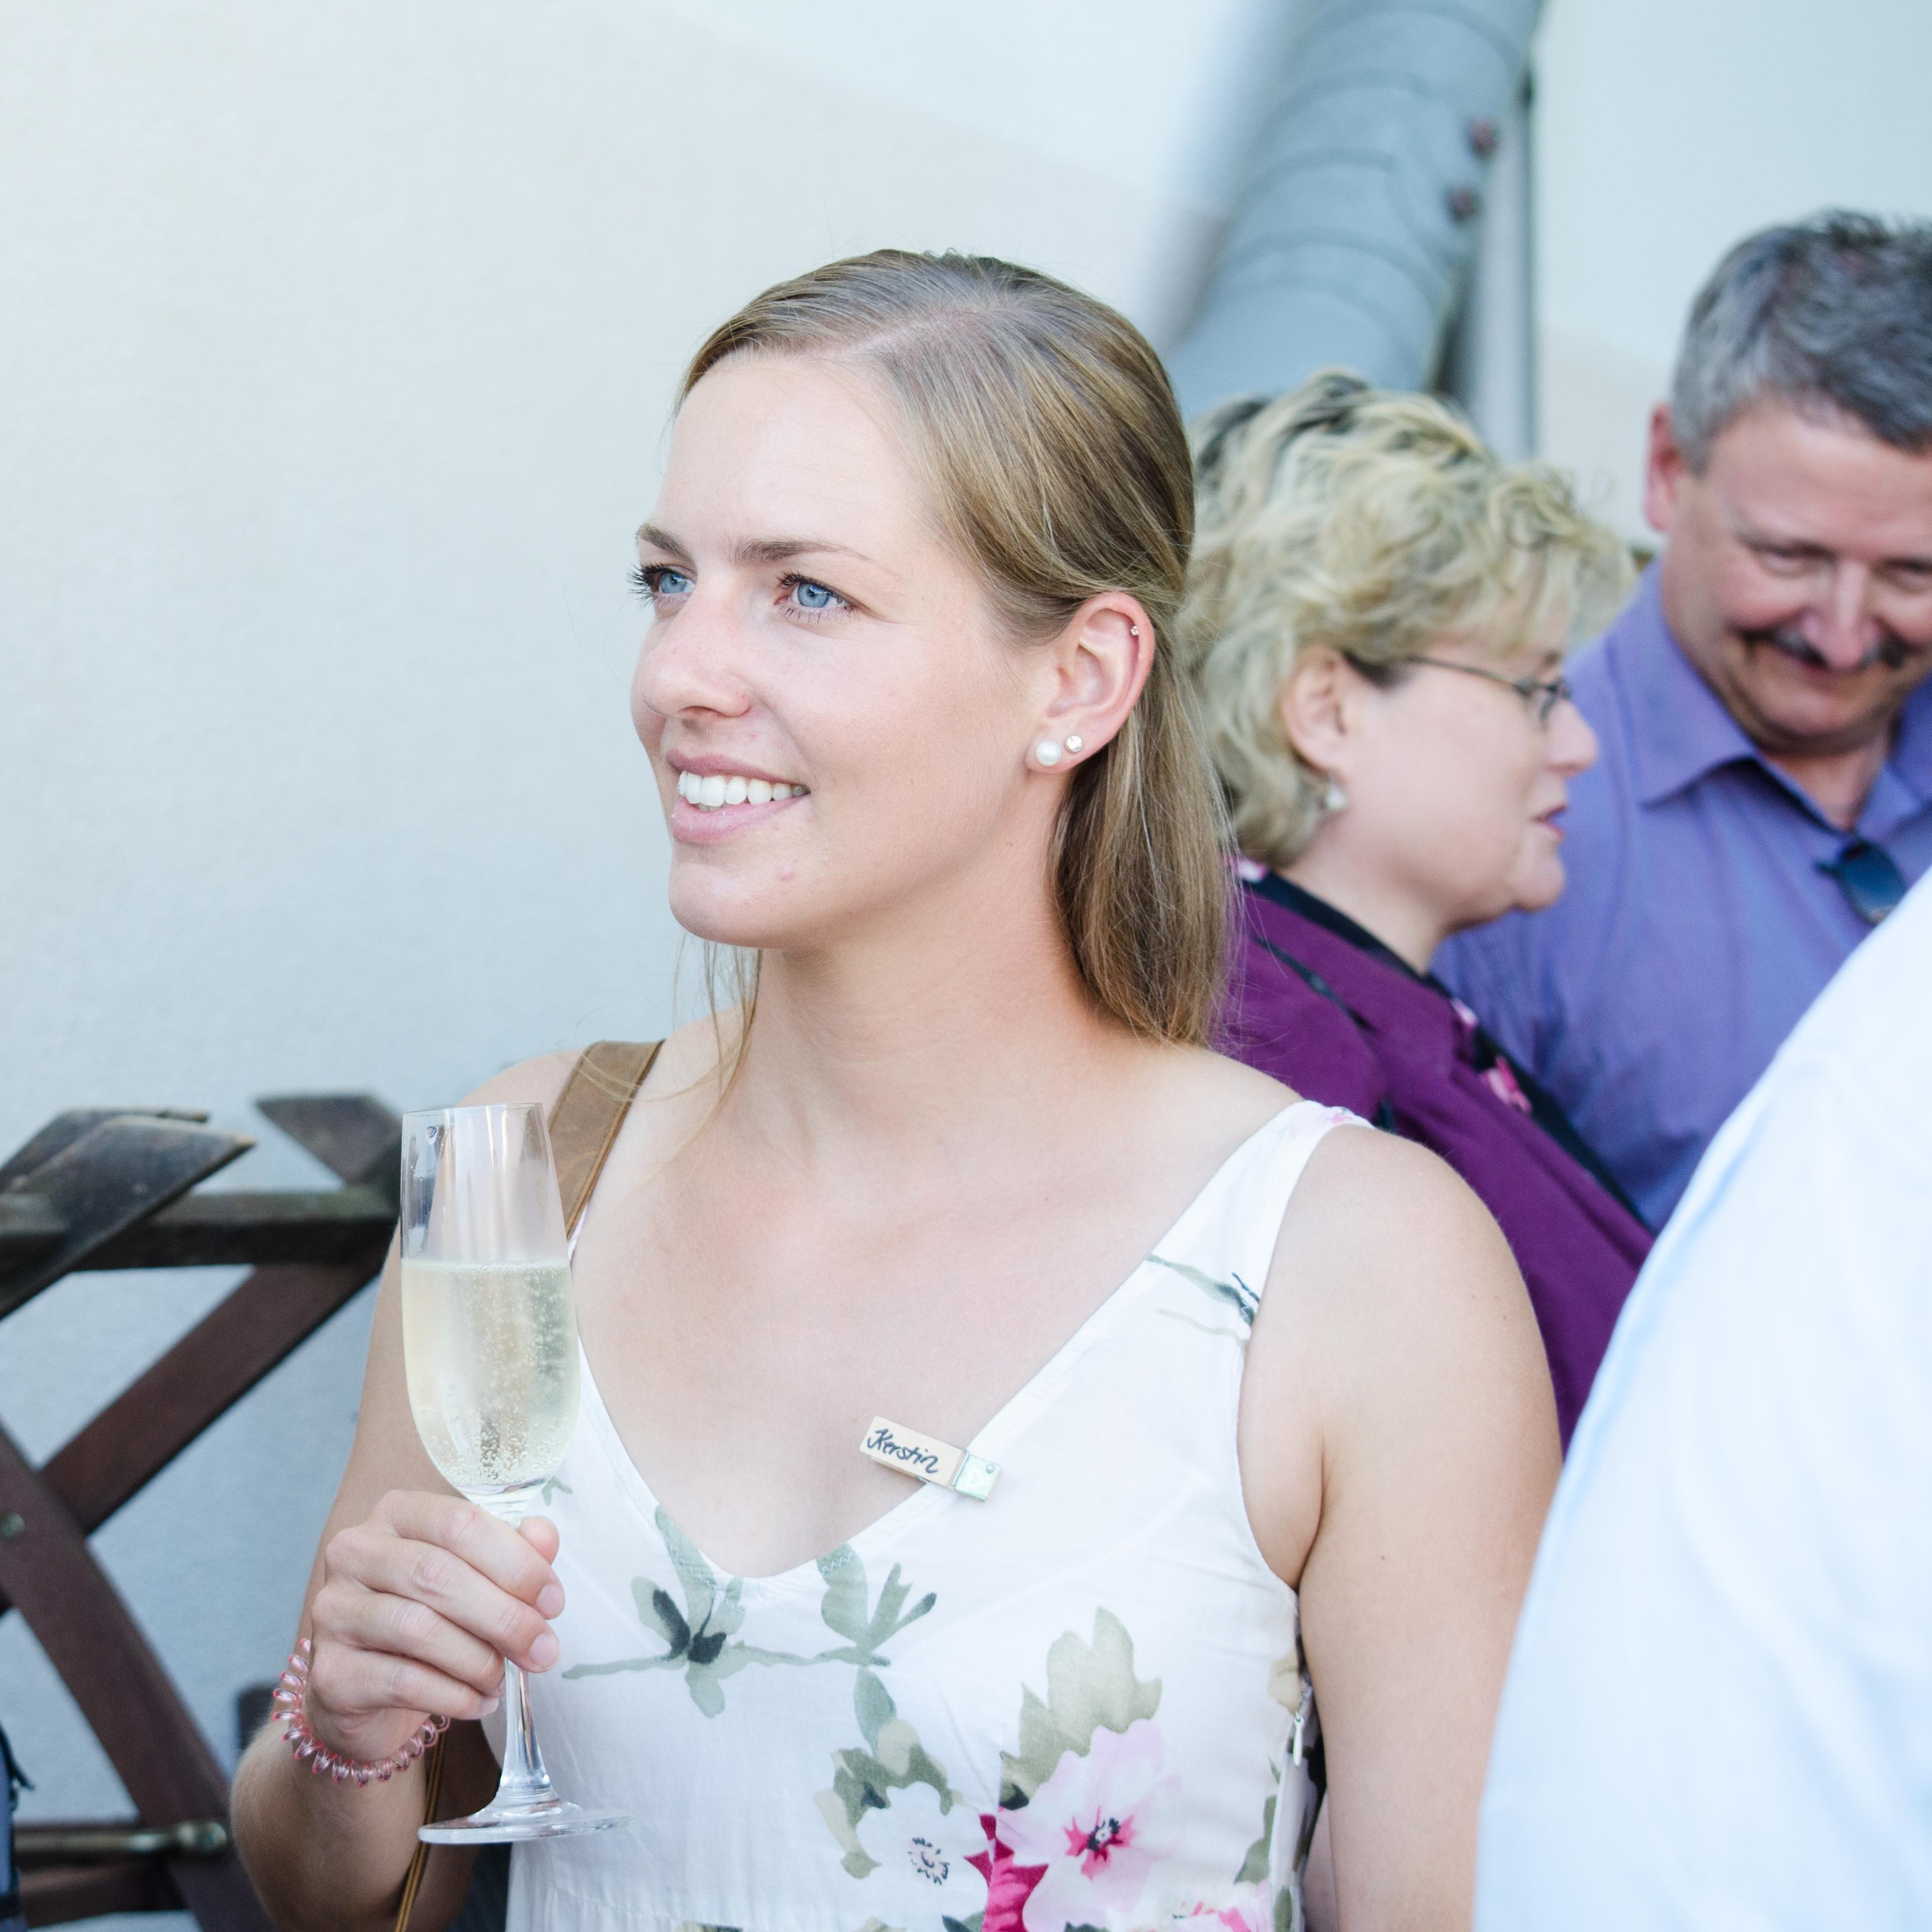 Hochzeitsfest_Sue und Stephan-139